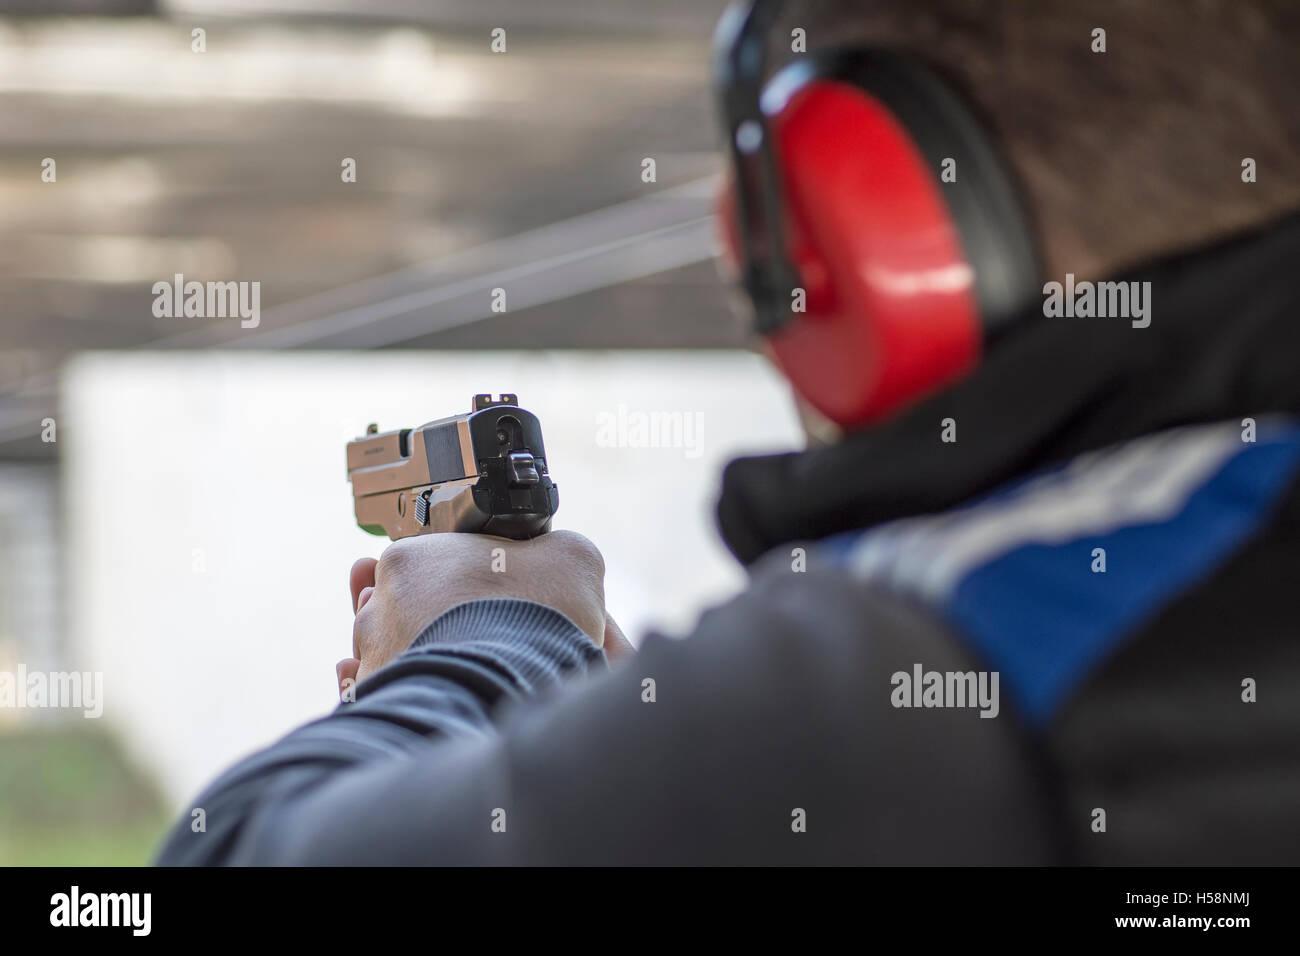 Shooting with Gun at Target in Shooting Range. Man Practicing Fire Pistol Shooting. - Stock Image